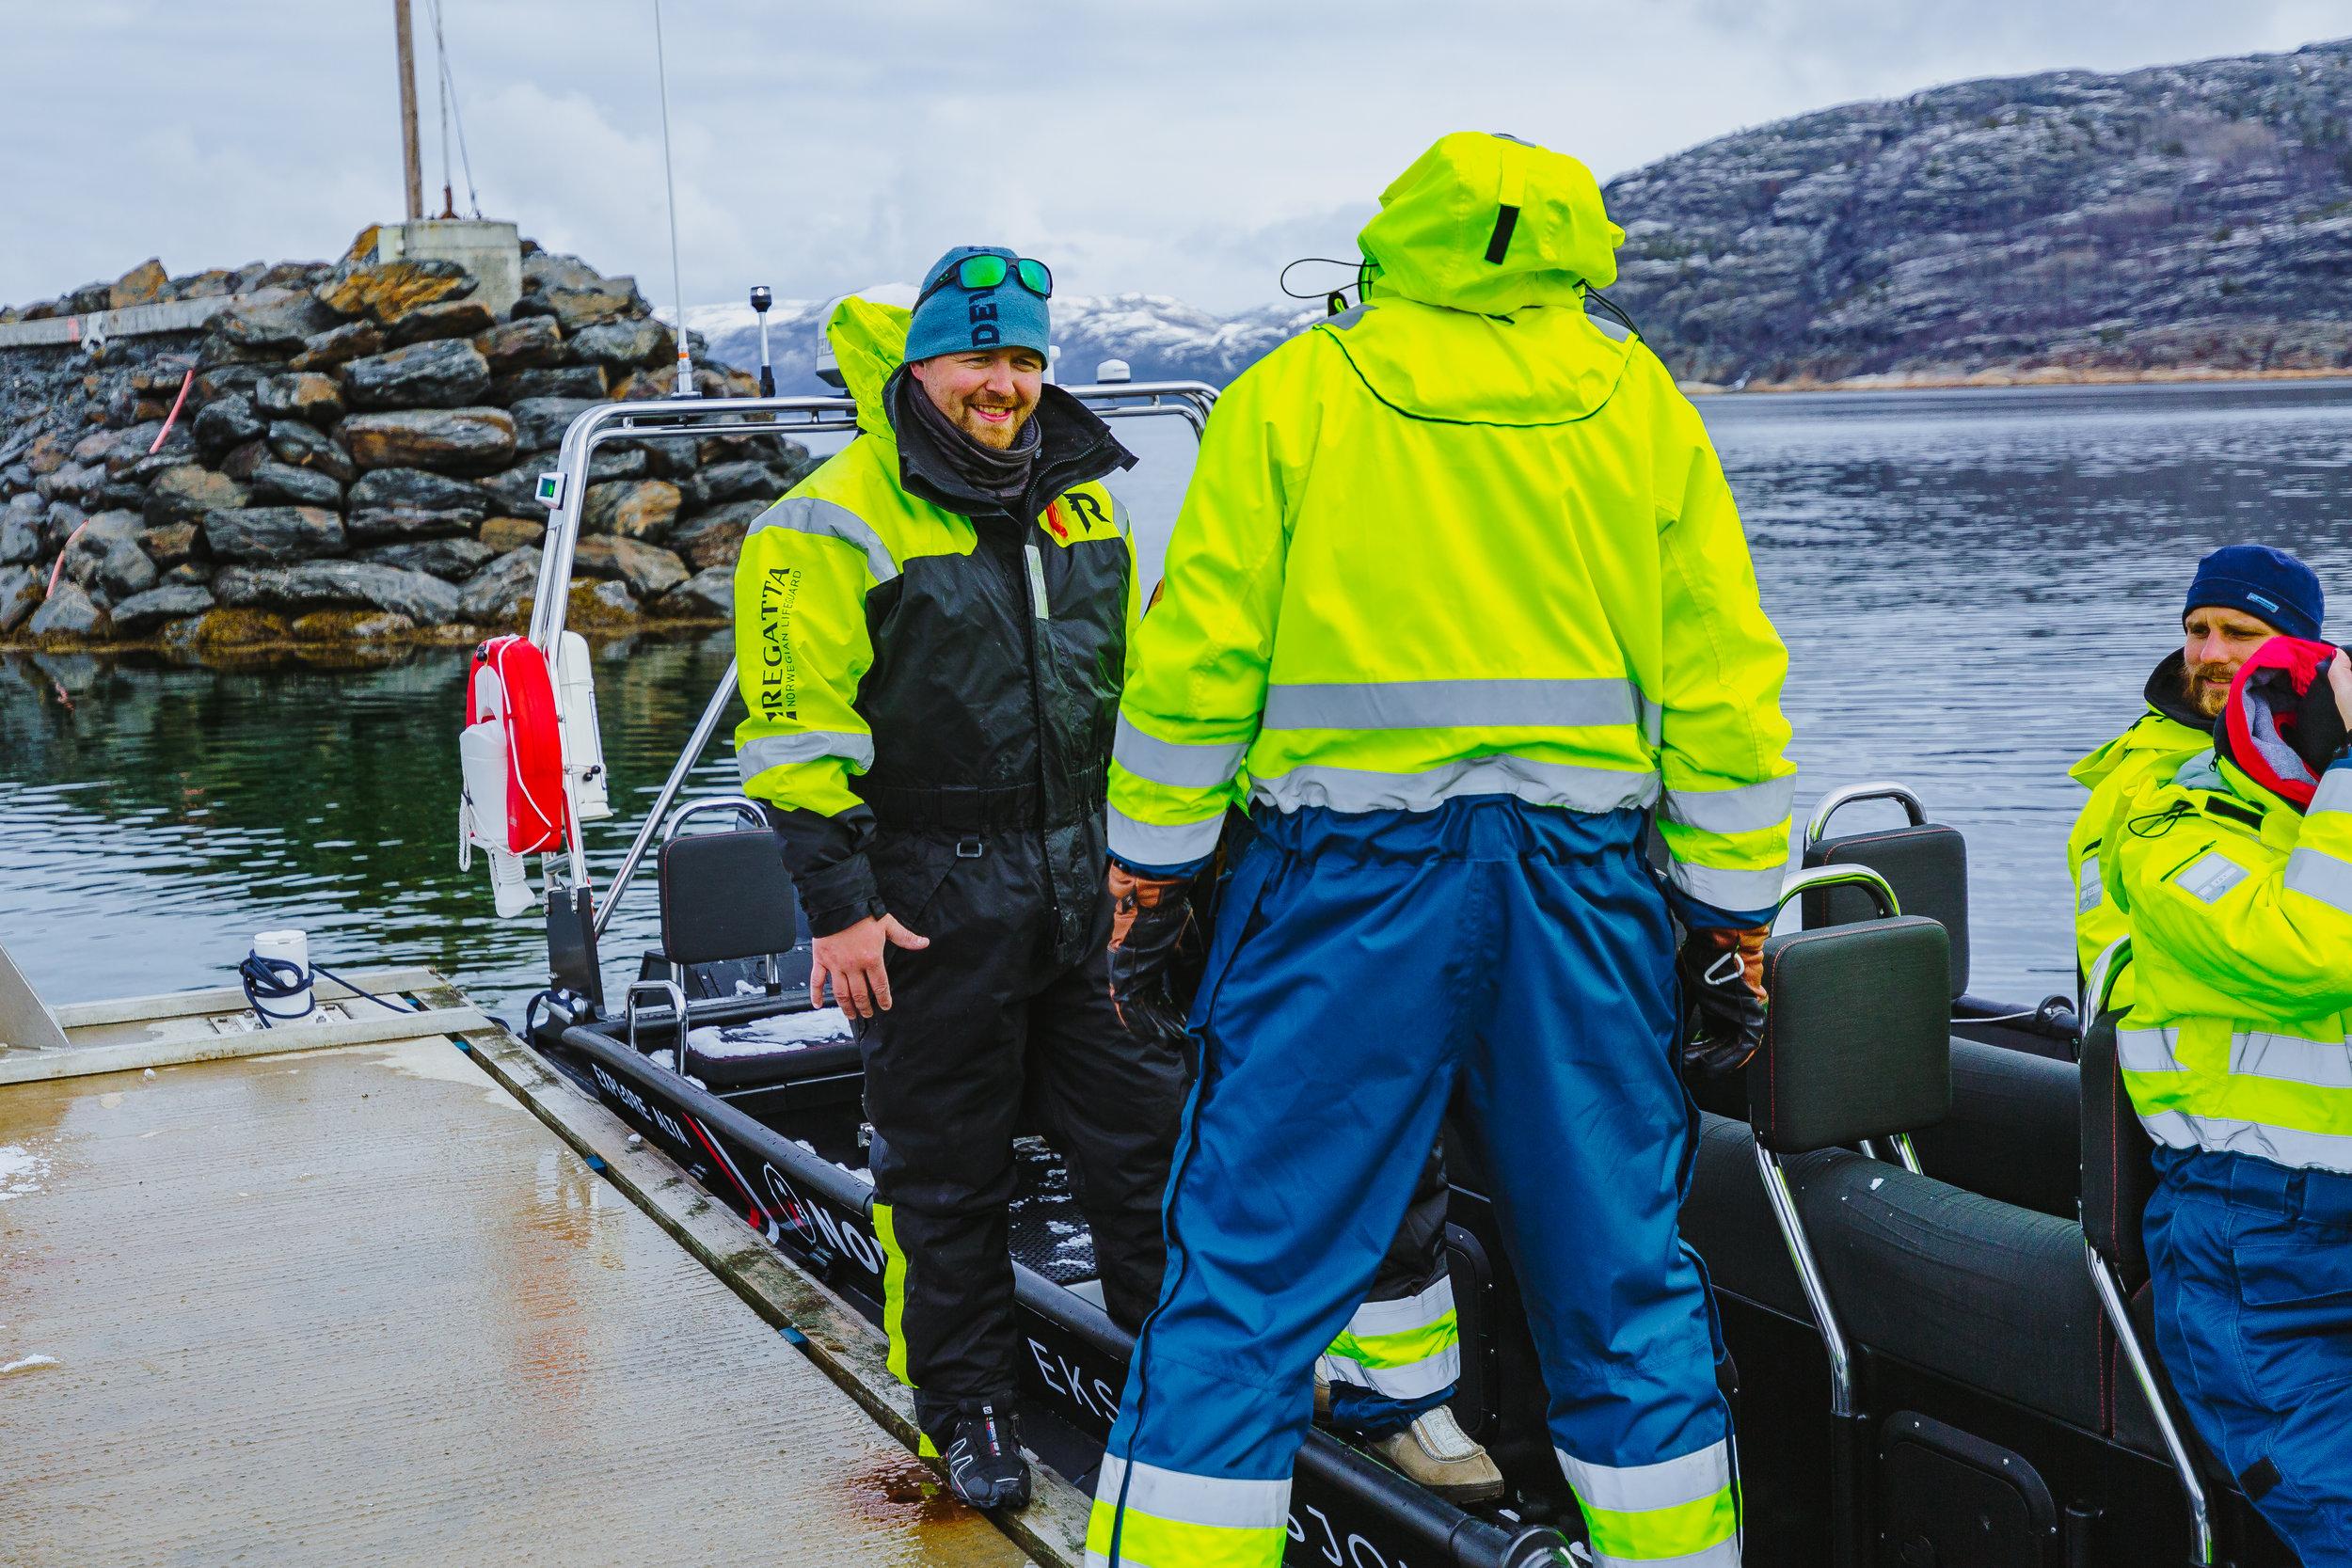 20190501 - NORD Ekspedisjon - RIBtur - Fotograf Mads Suhr Pettersen - 9G9A9380.jpg